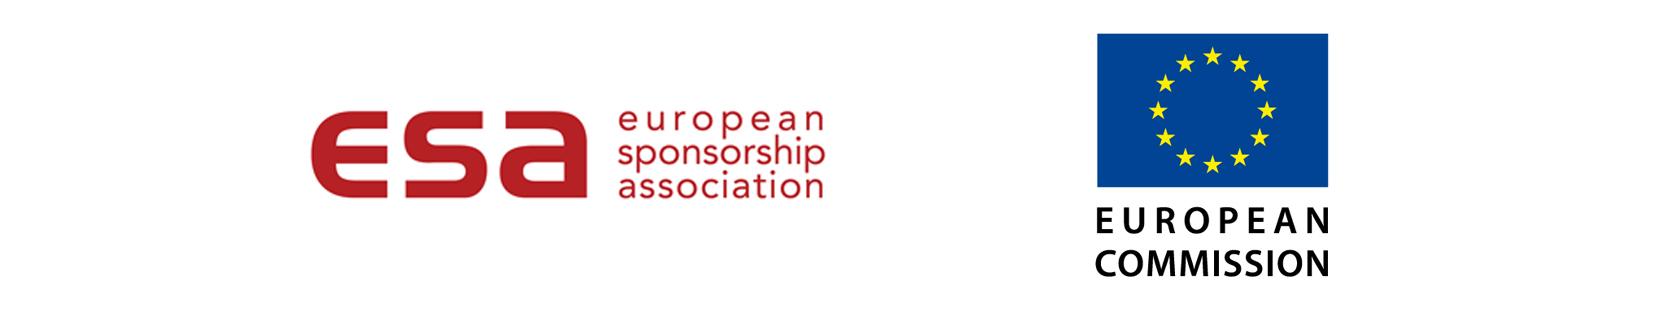 europeancommission and esa